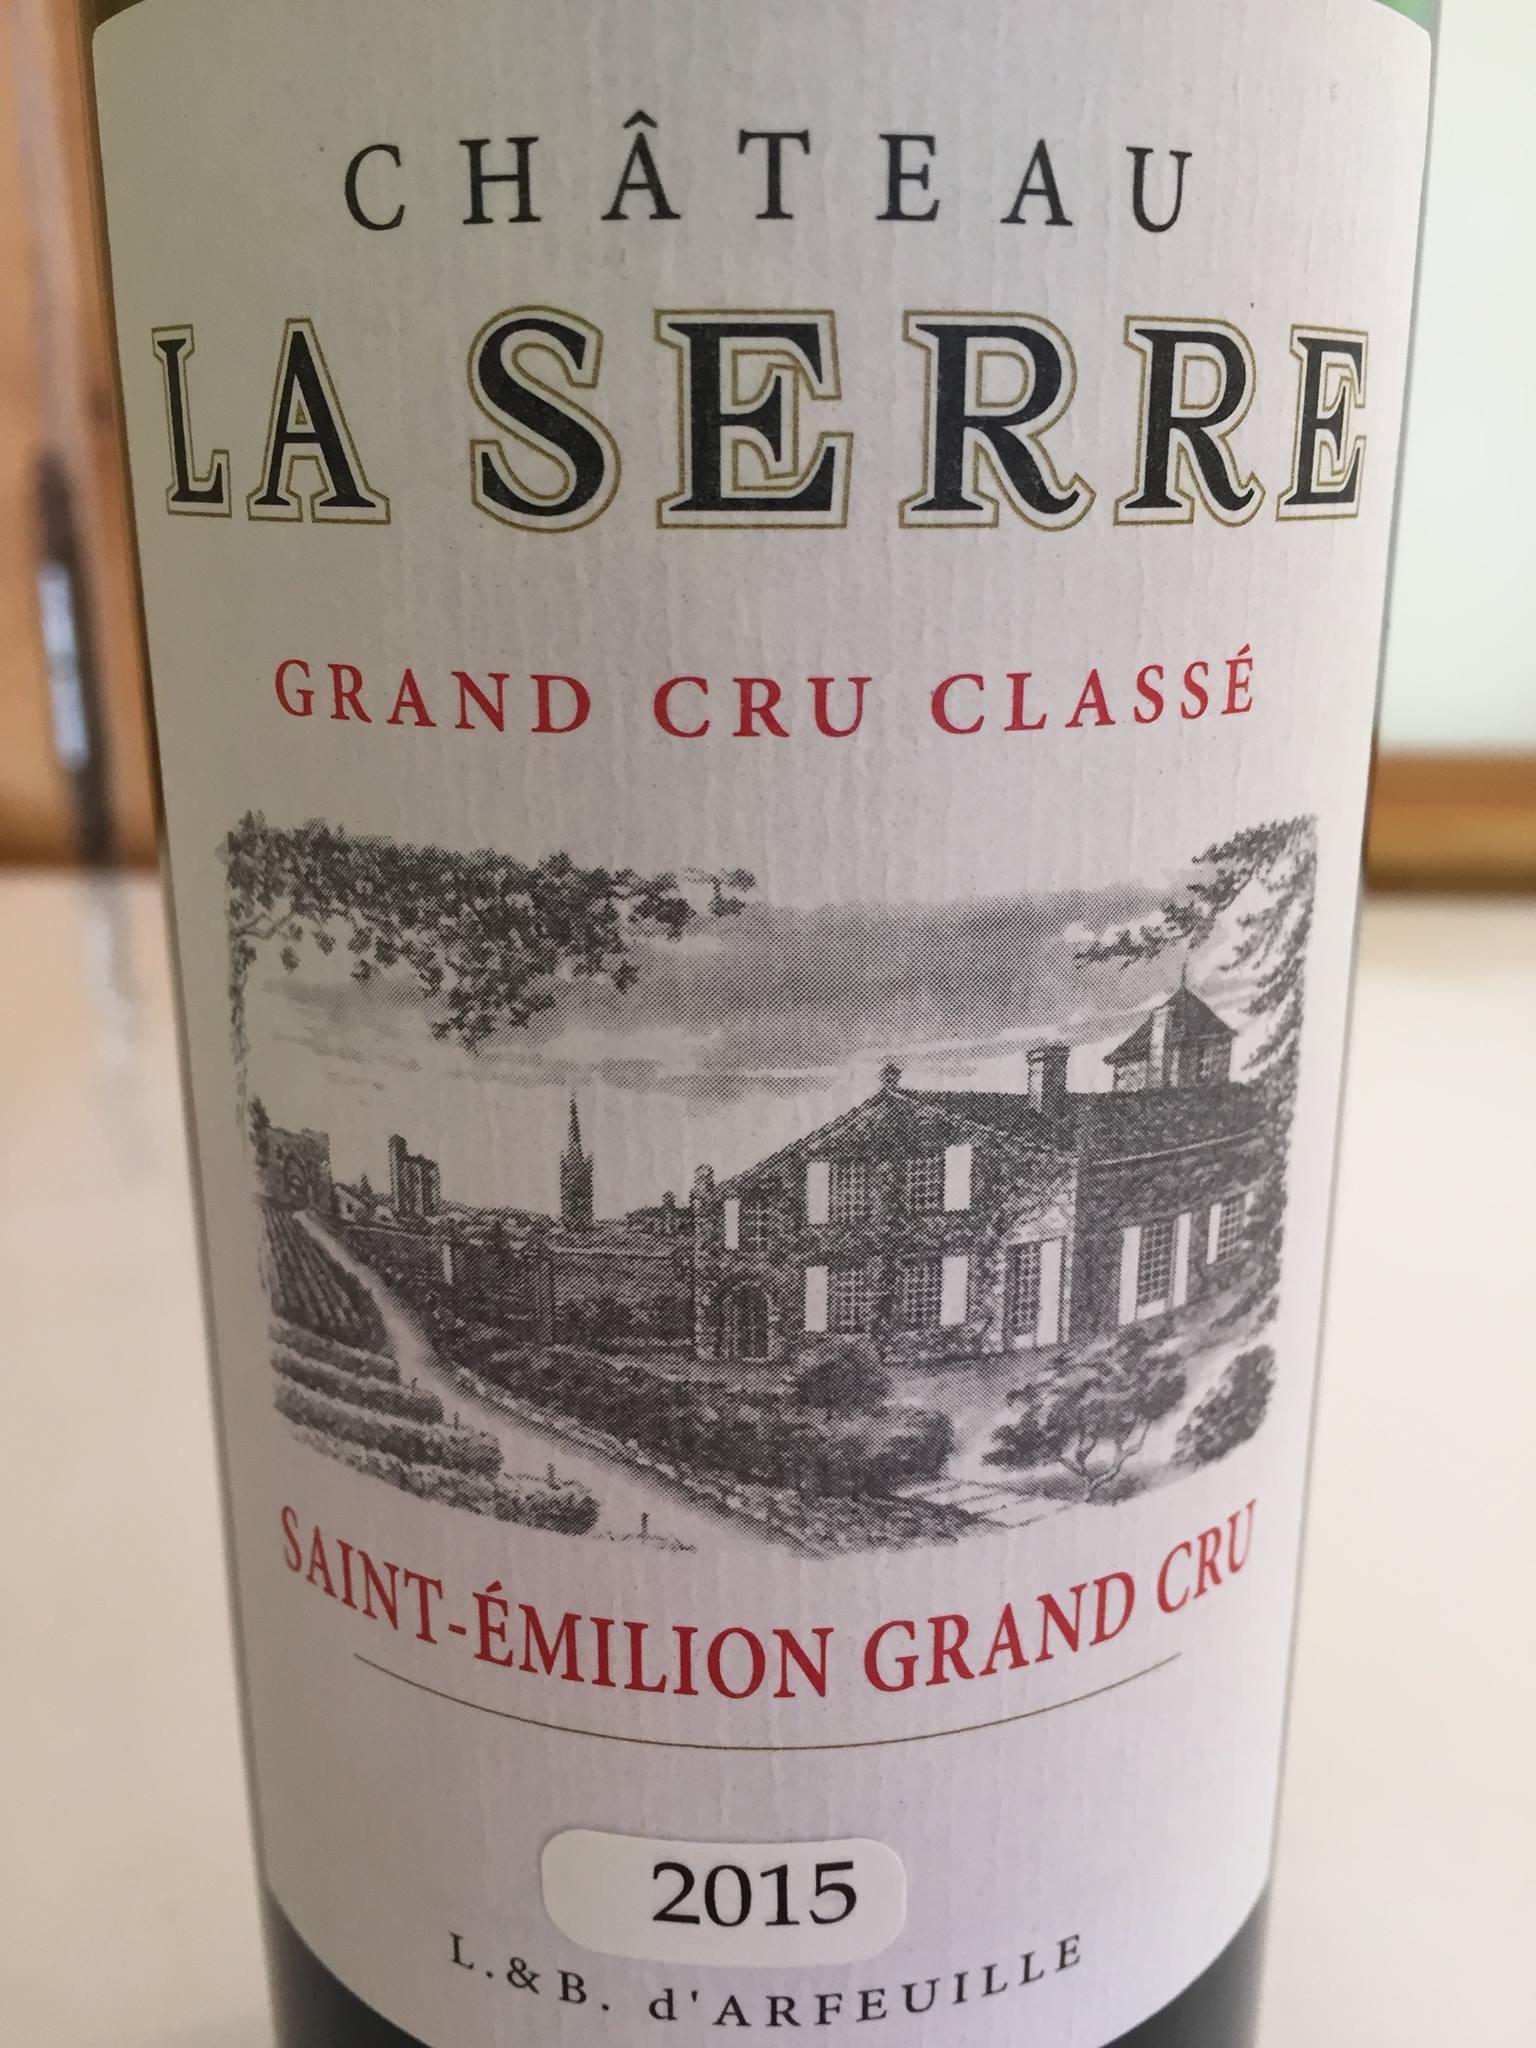 Château La Serre 2015 – Saint-Emilion Grand Cru Classé